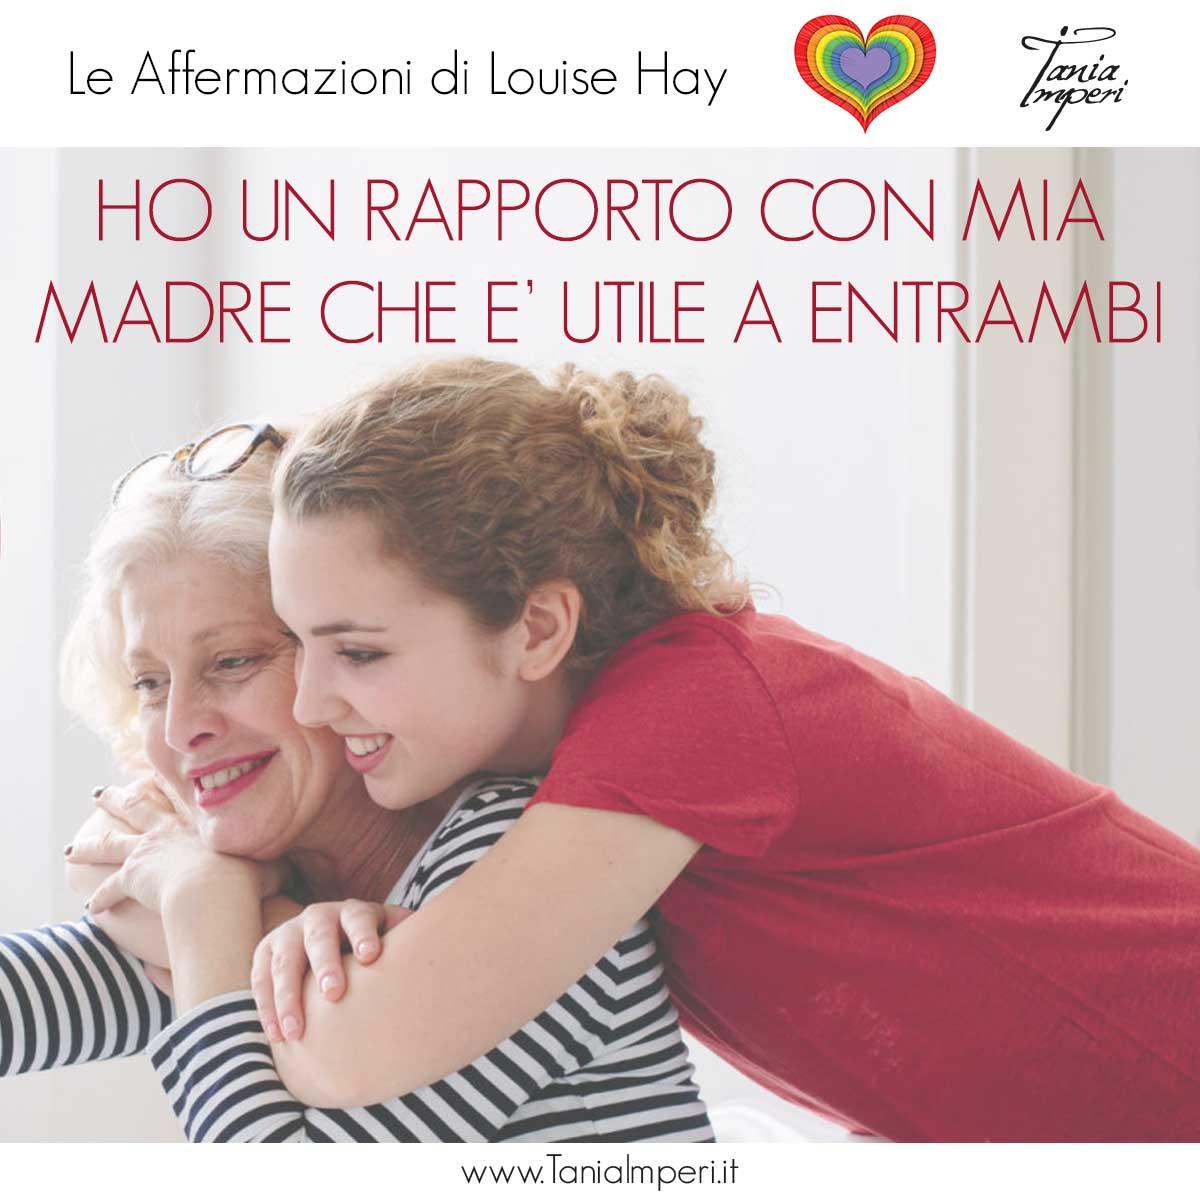 AFFERMAZIONI_LOUISE_HAY_TANIA_IMPERI_31_RAPPORTO_CON_MIA_MADRE-31LUG2017